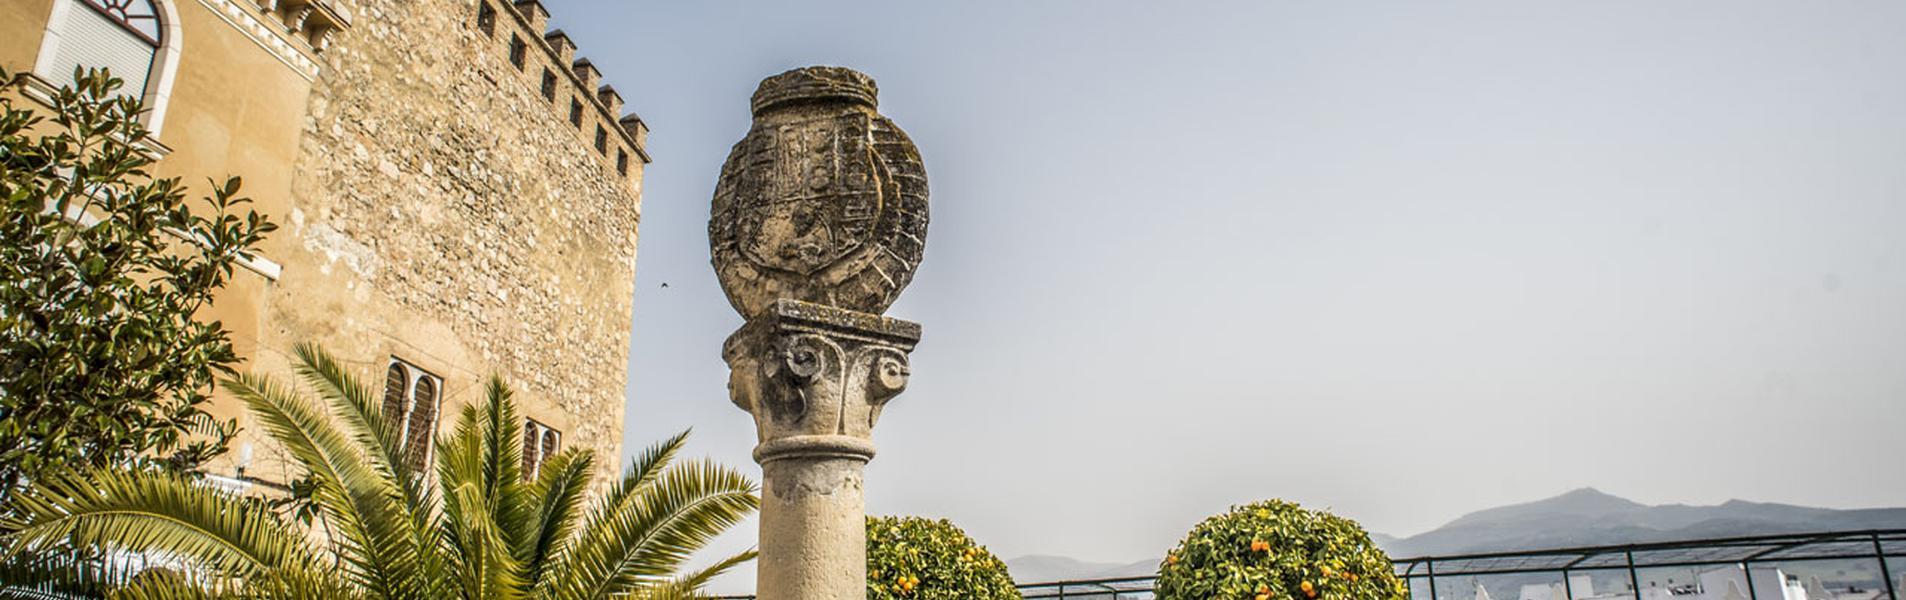 Palacio de los condes de Cabra